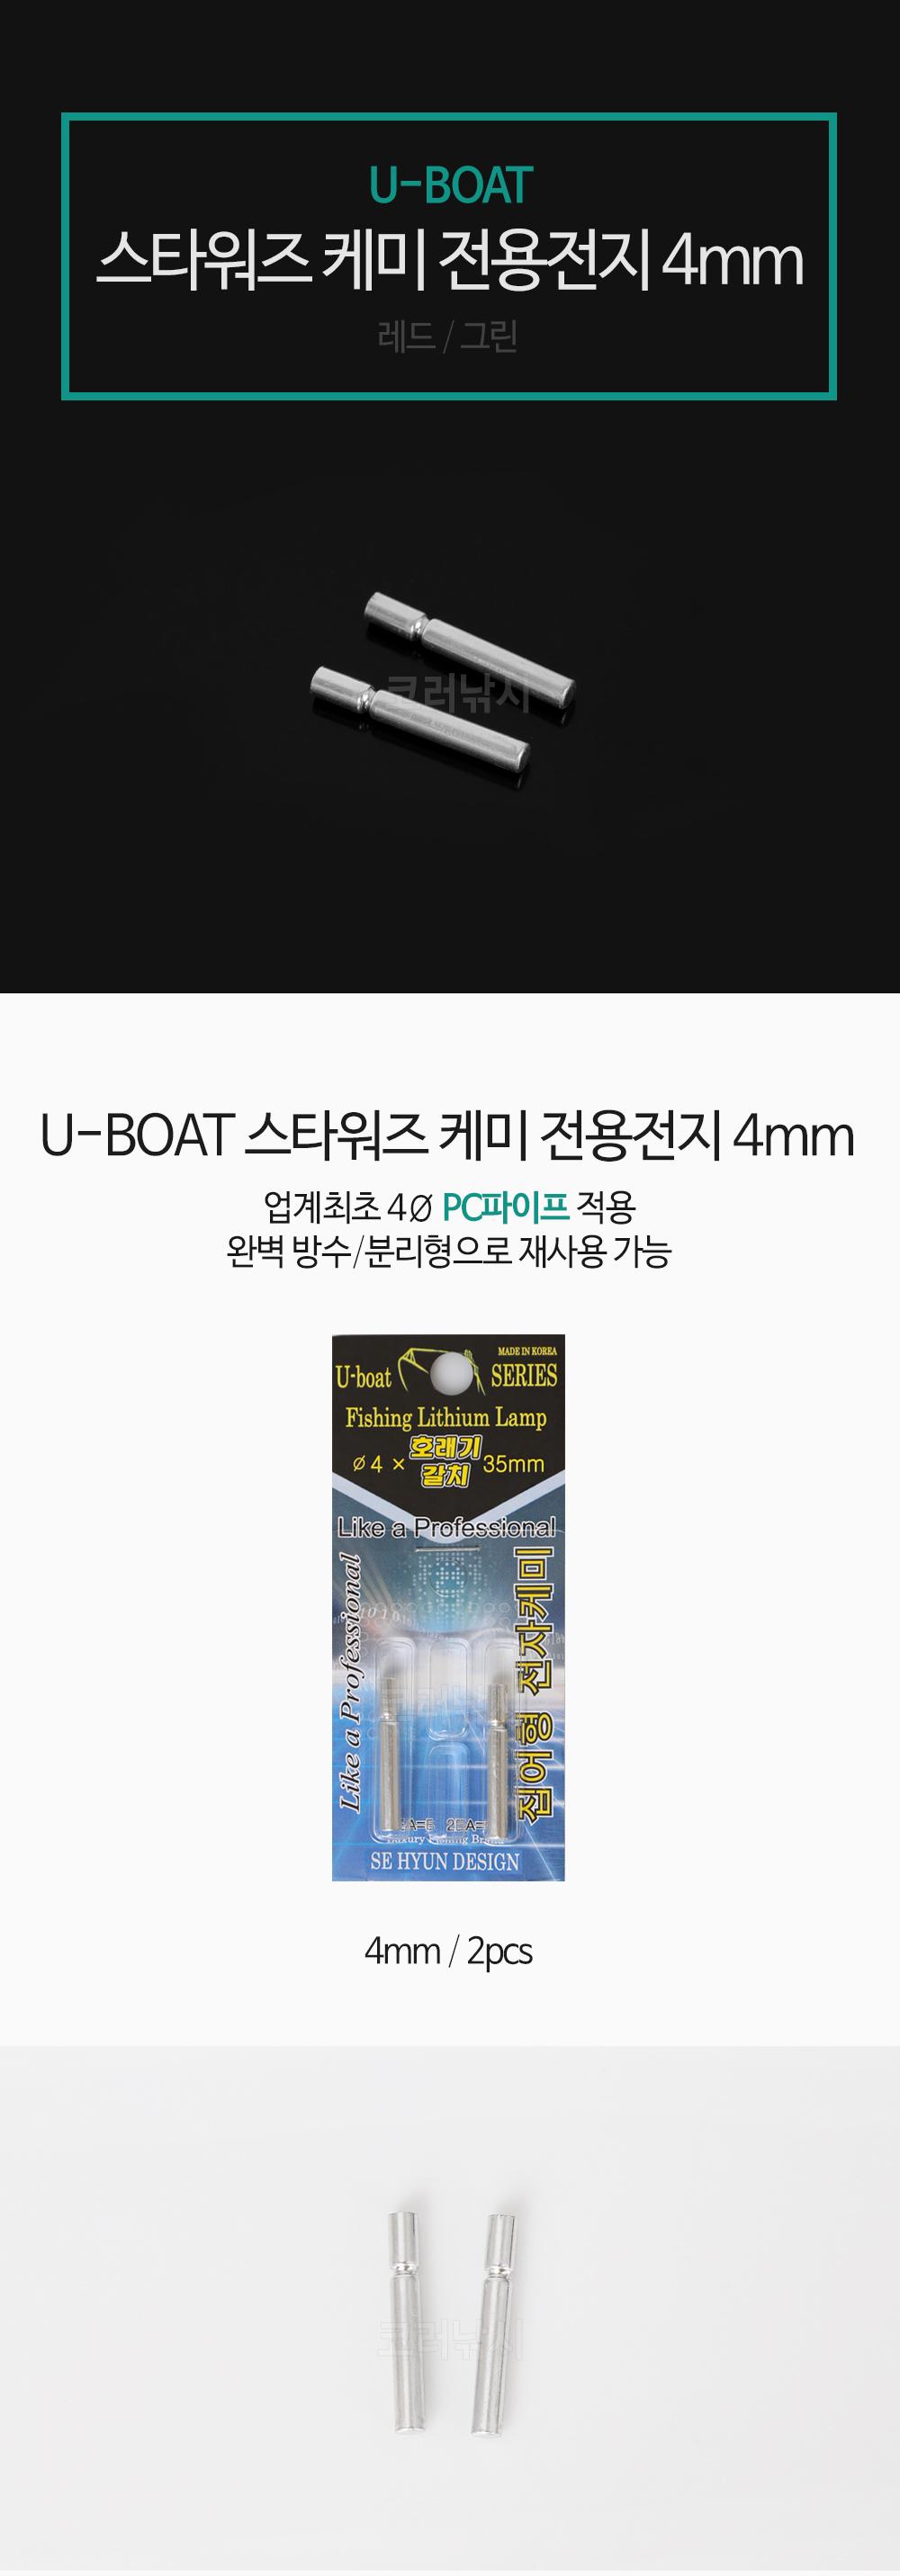 U-BOAT 스타워즈 케미 전용전지 4mm 배터리 425 케미전지 건전지 케미라이트